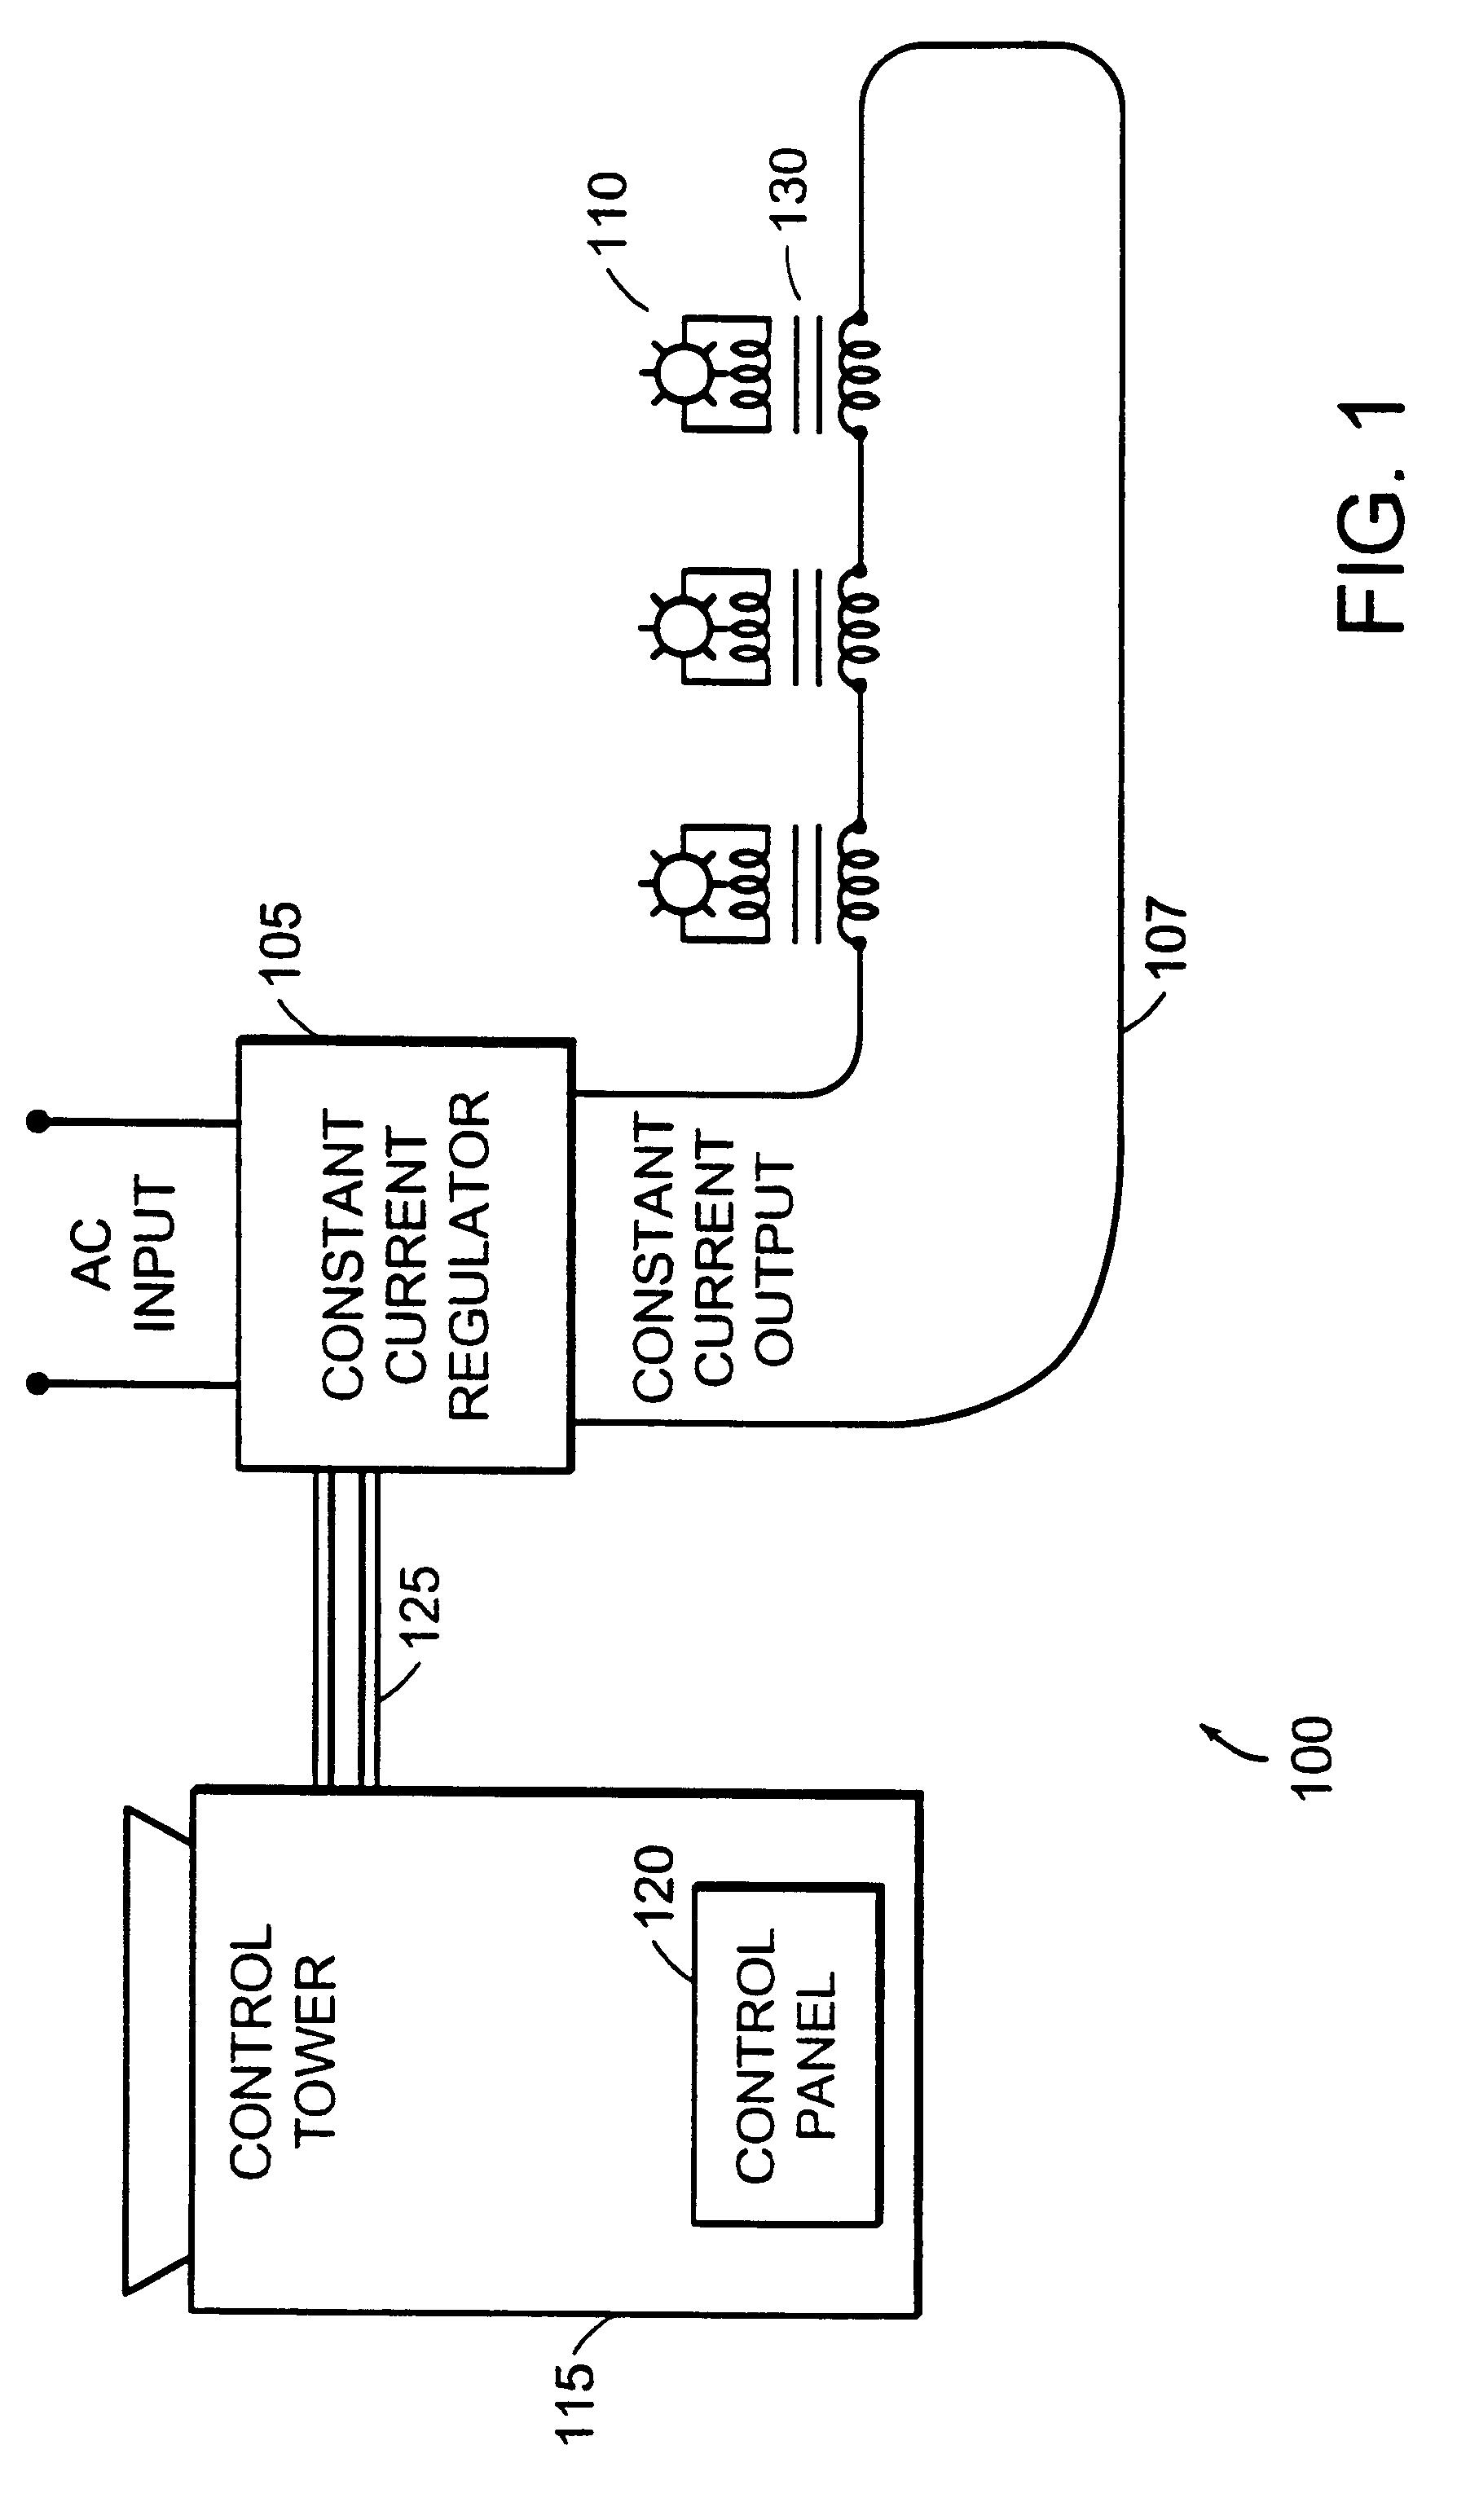 patent us6300878